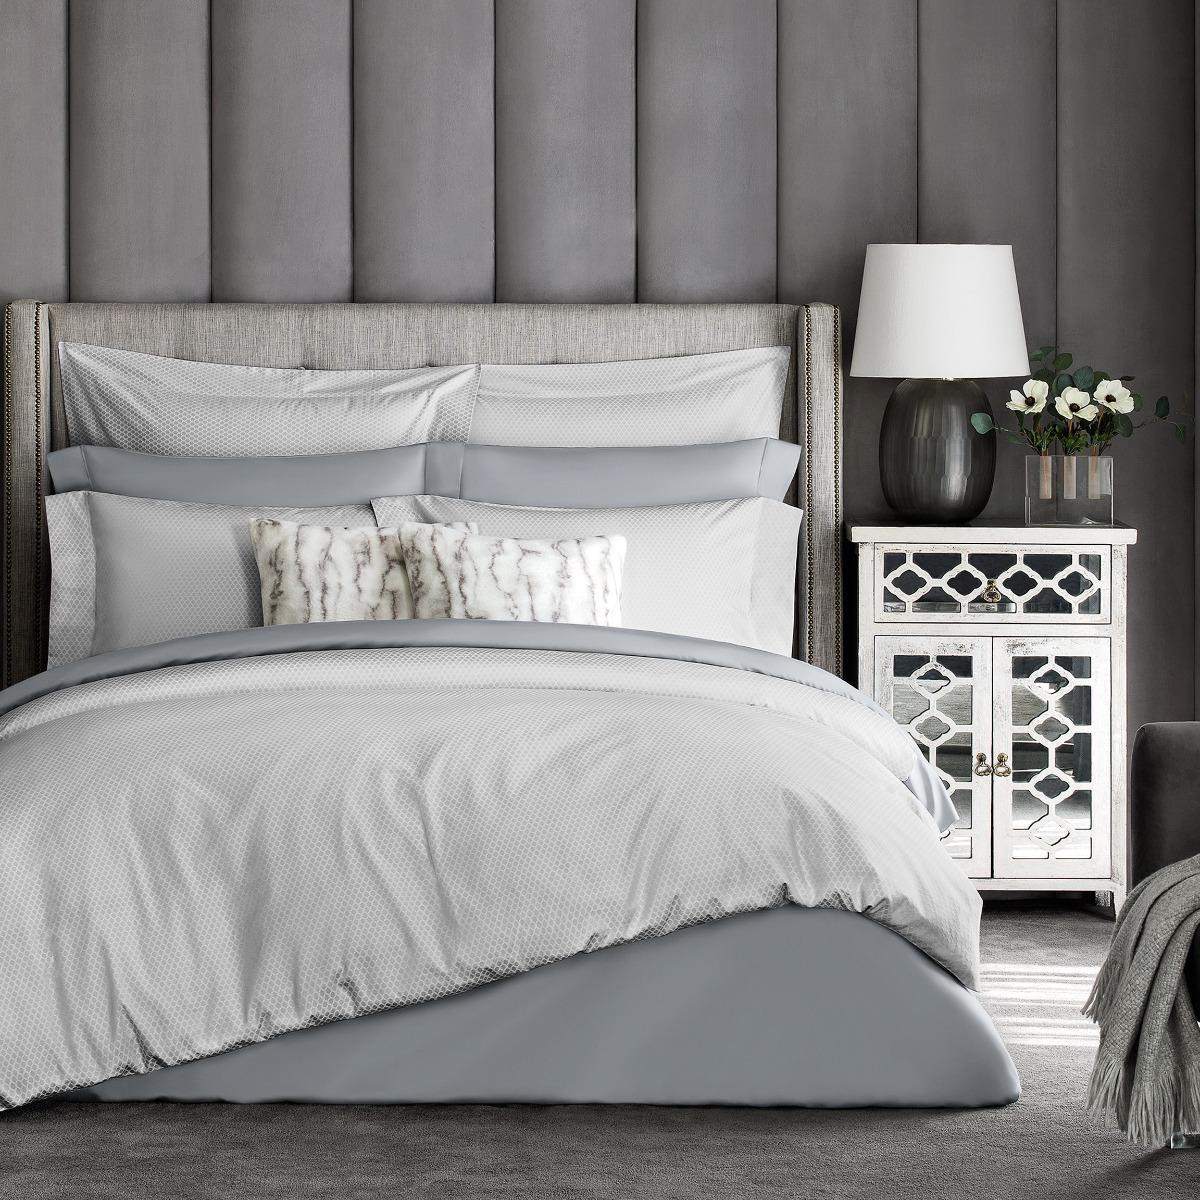 Фото - Постельный комплект Togas Блейк светло-серый семейный/дуэт постельный комплект togas кеннет темно синий семейный дуэт